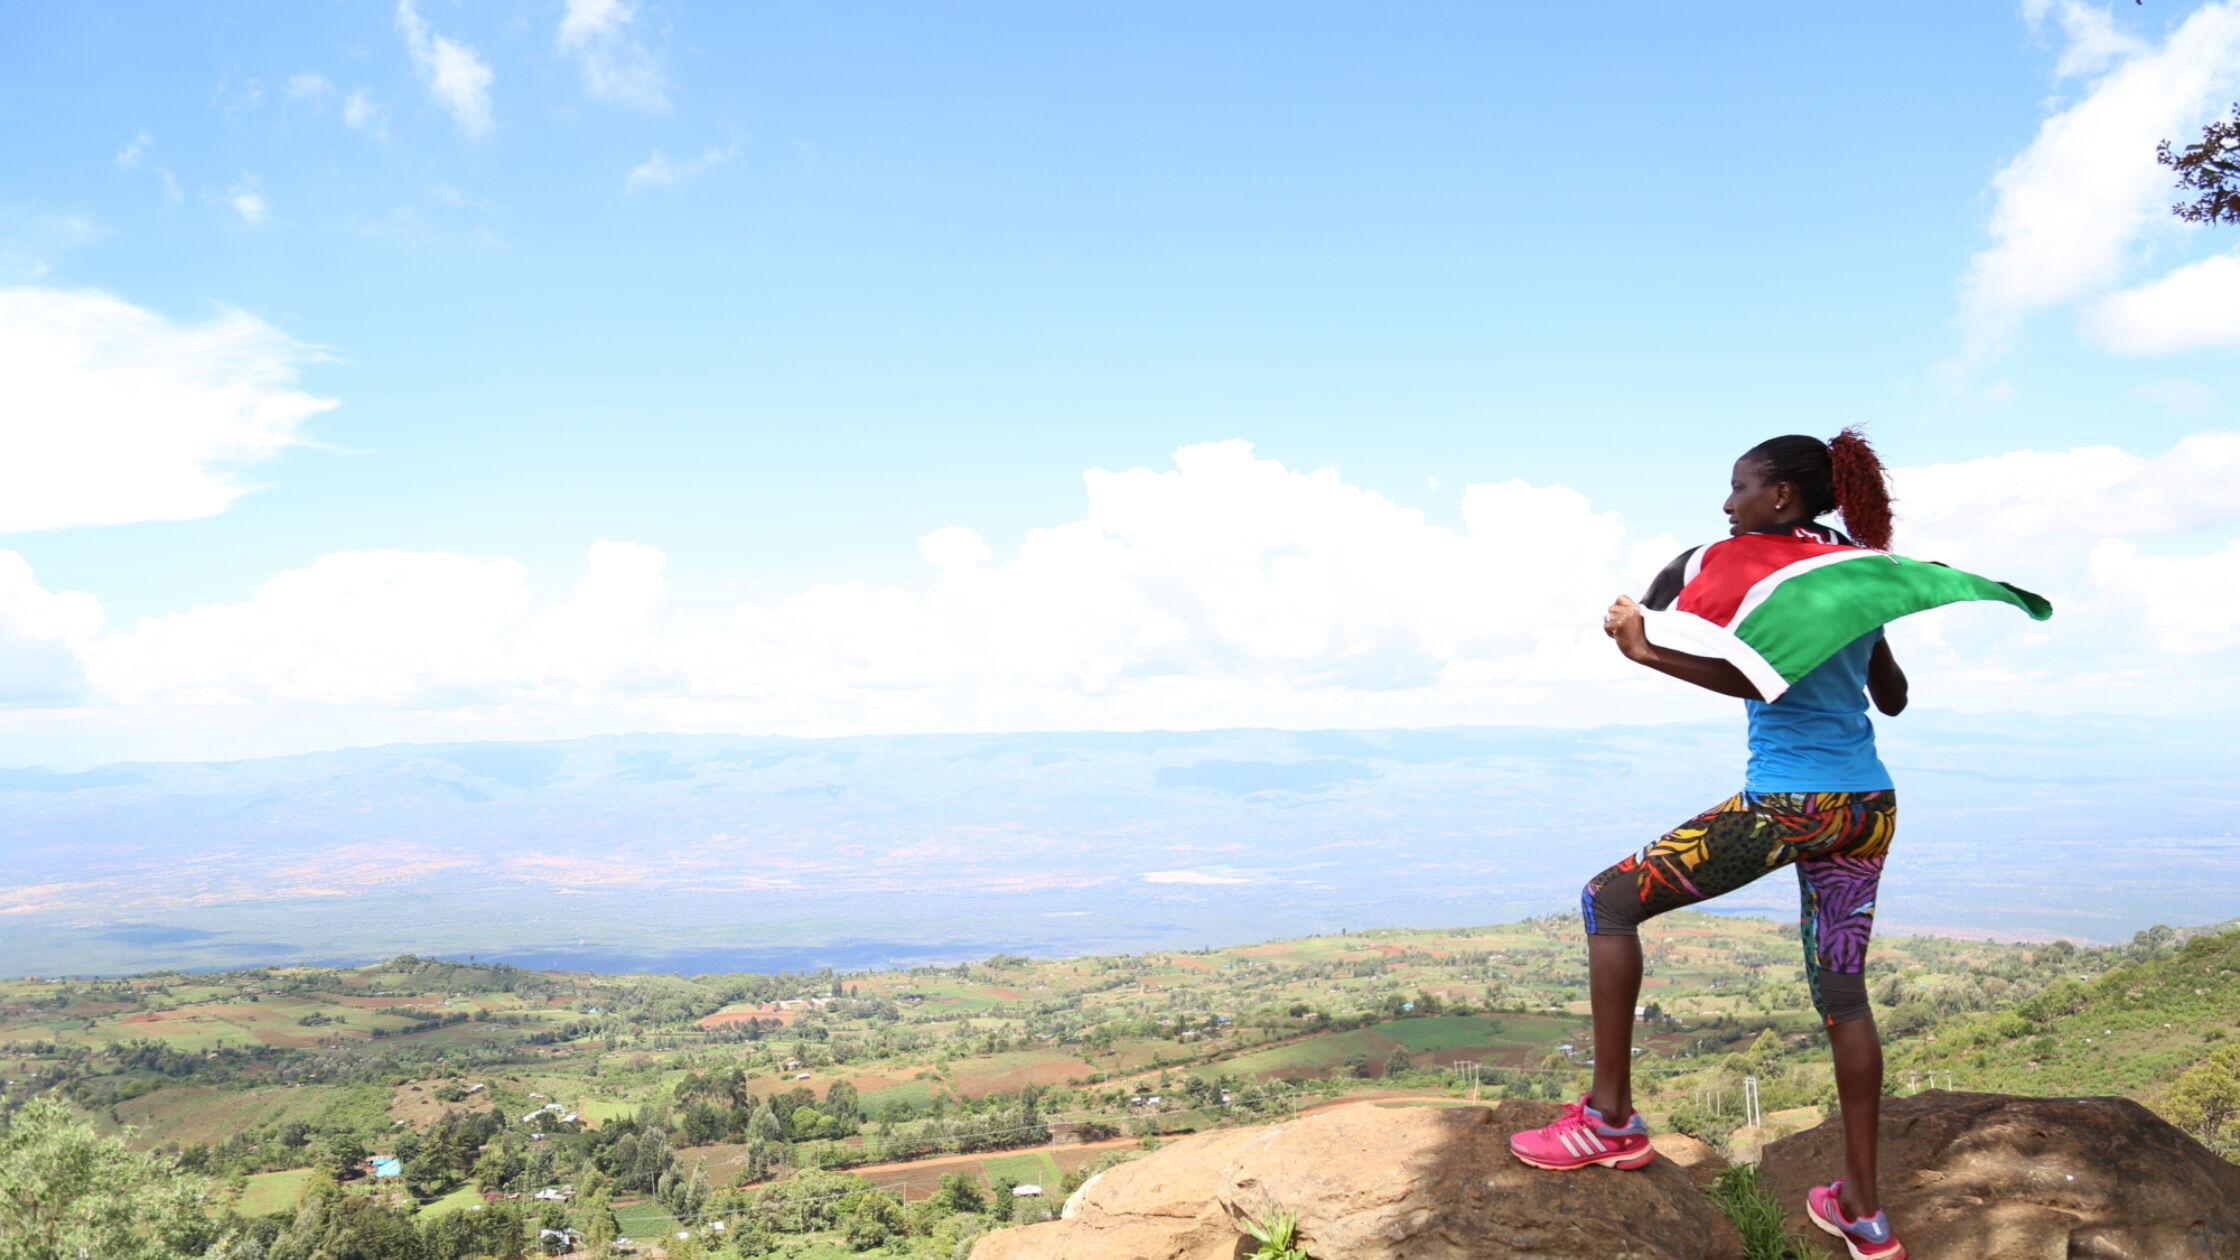 De UNICEF Rift Valley Marathon: een unieke ervaring in Kenia